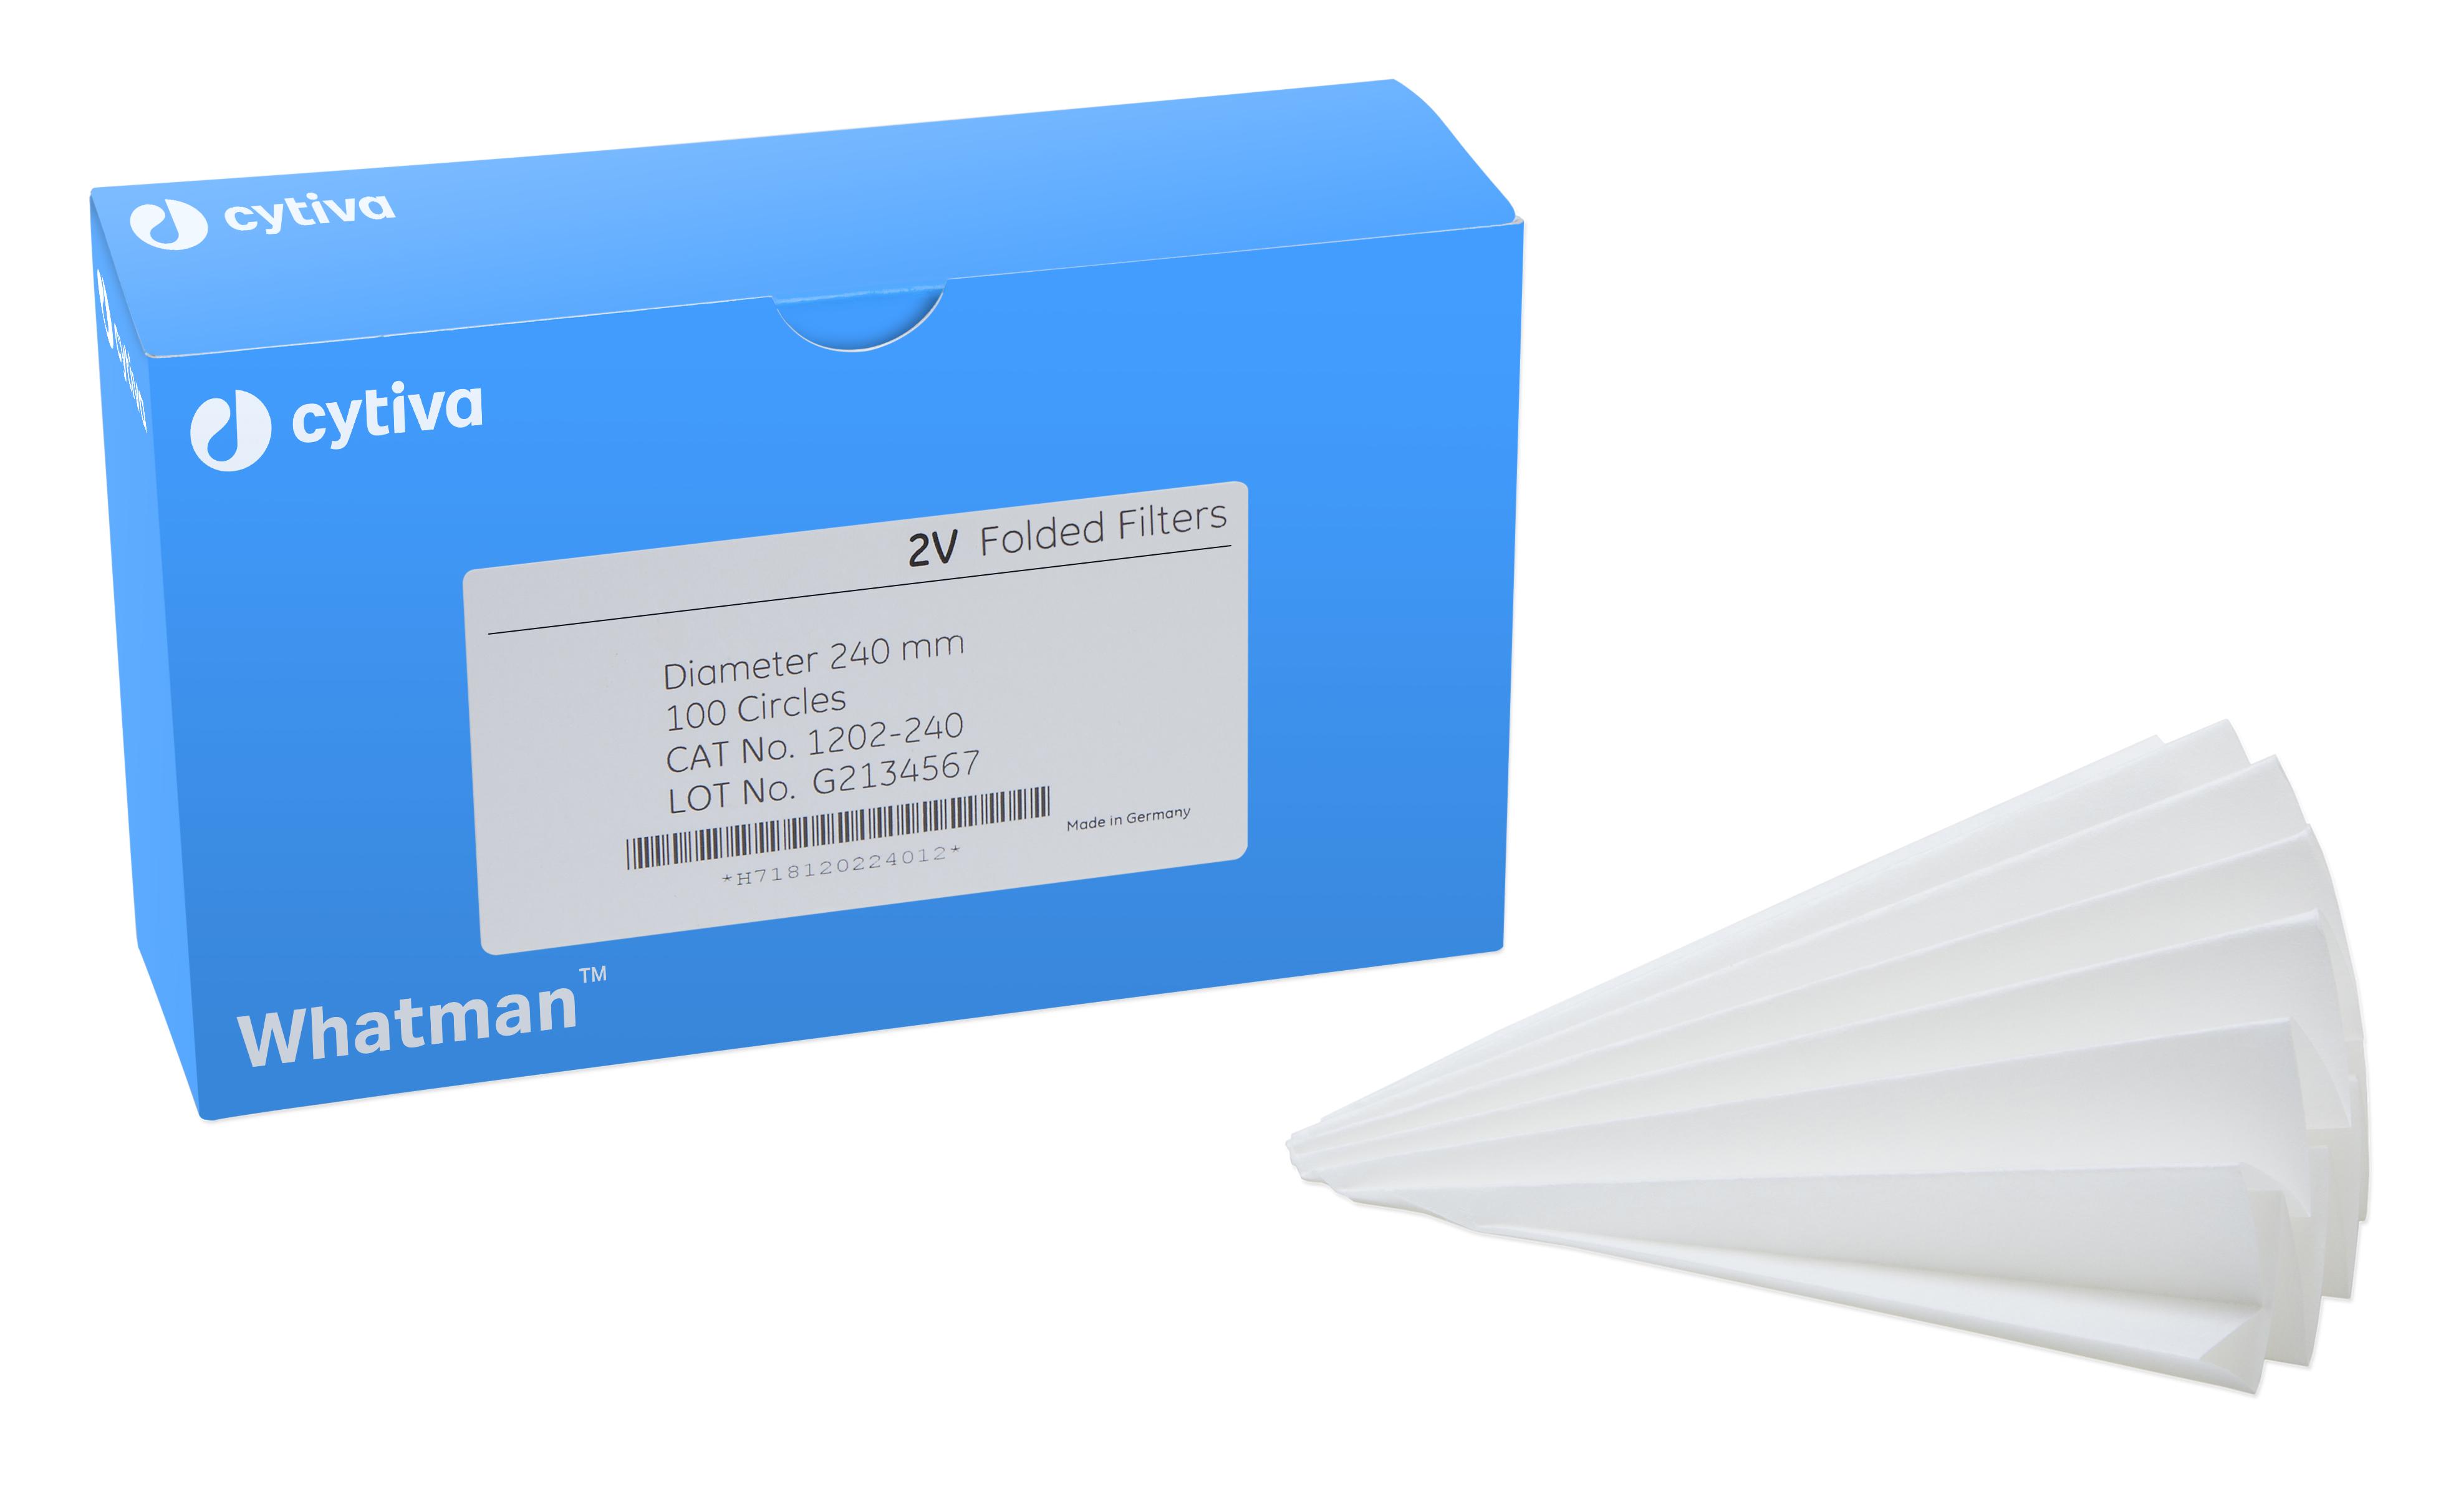 Vouwfilters 2v, Ø 320 mm, deeltjesretentie 8 µm (20901306)